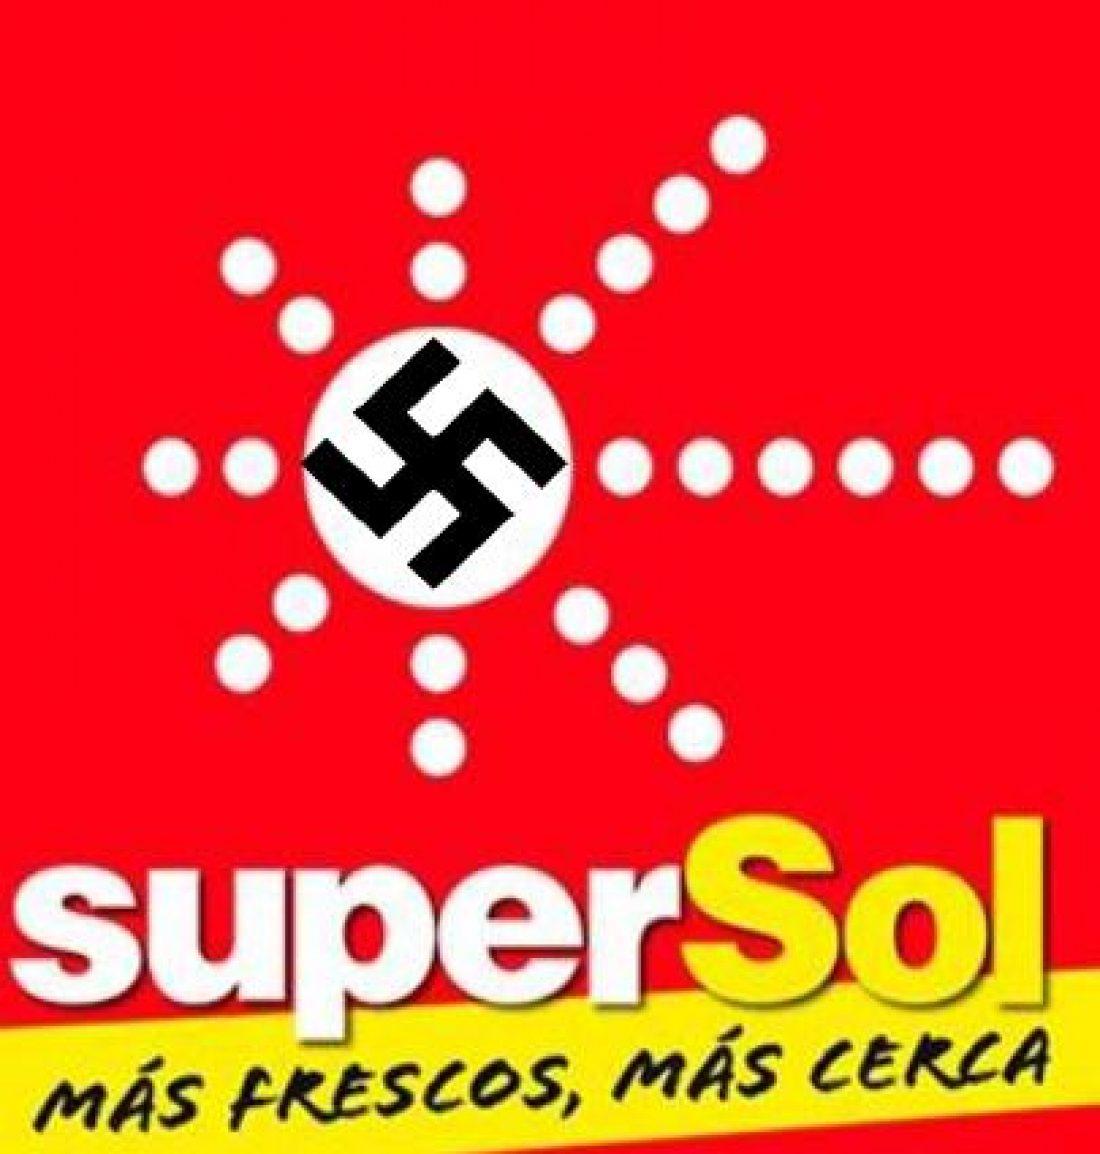 Supersol despide a un trabajador por ser homosexual y a otros dos trabajadores por recoger firmas para convocar una asamblea de trabajadores